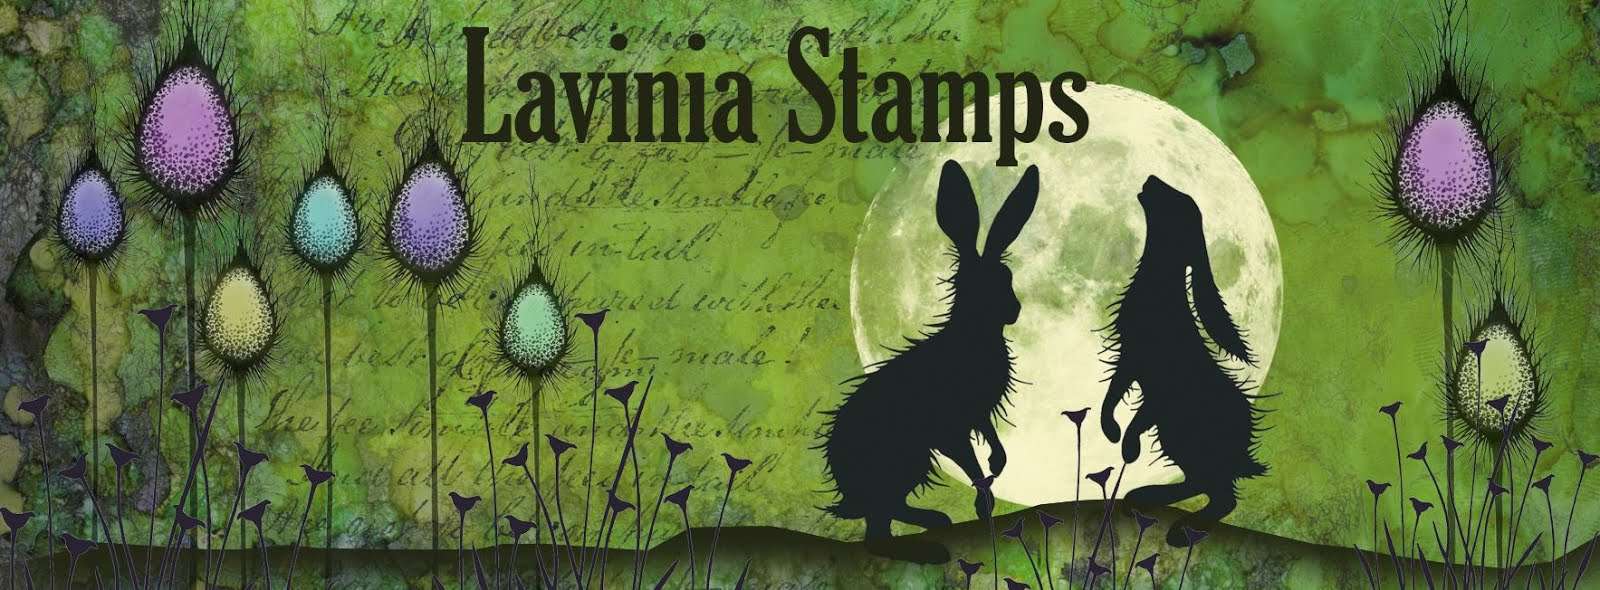 Fav Stamp Brand